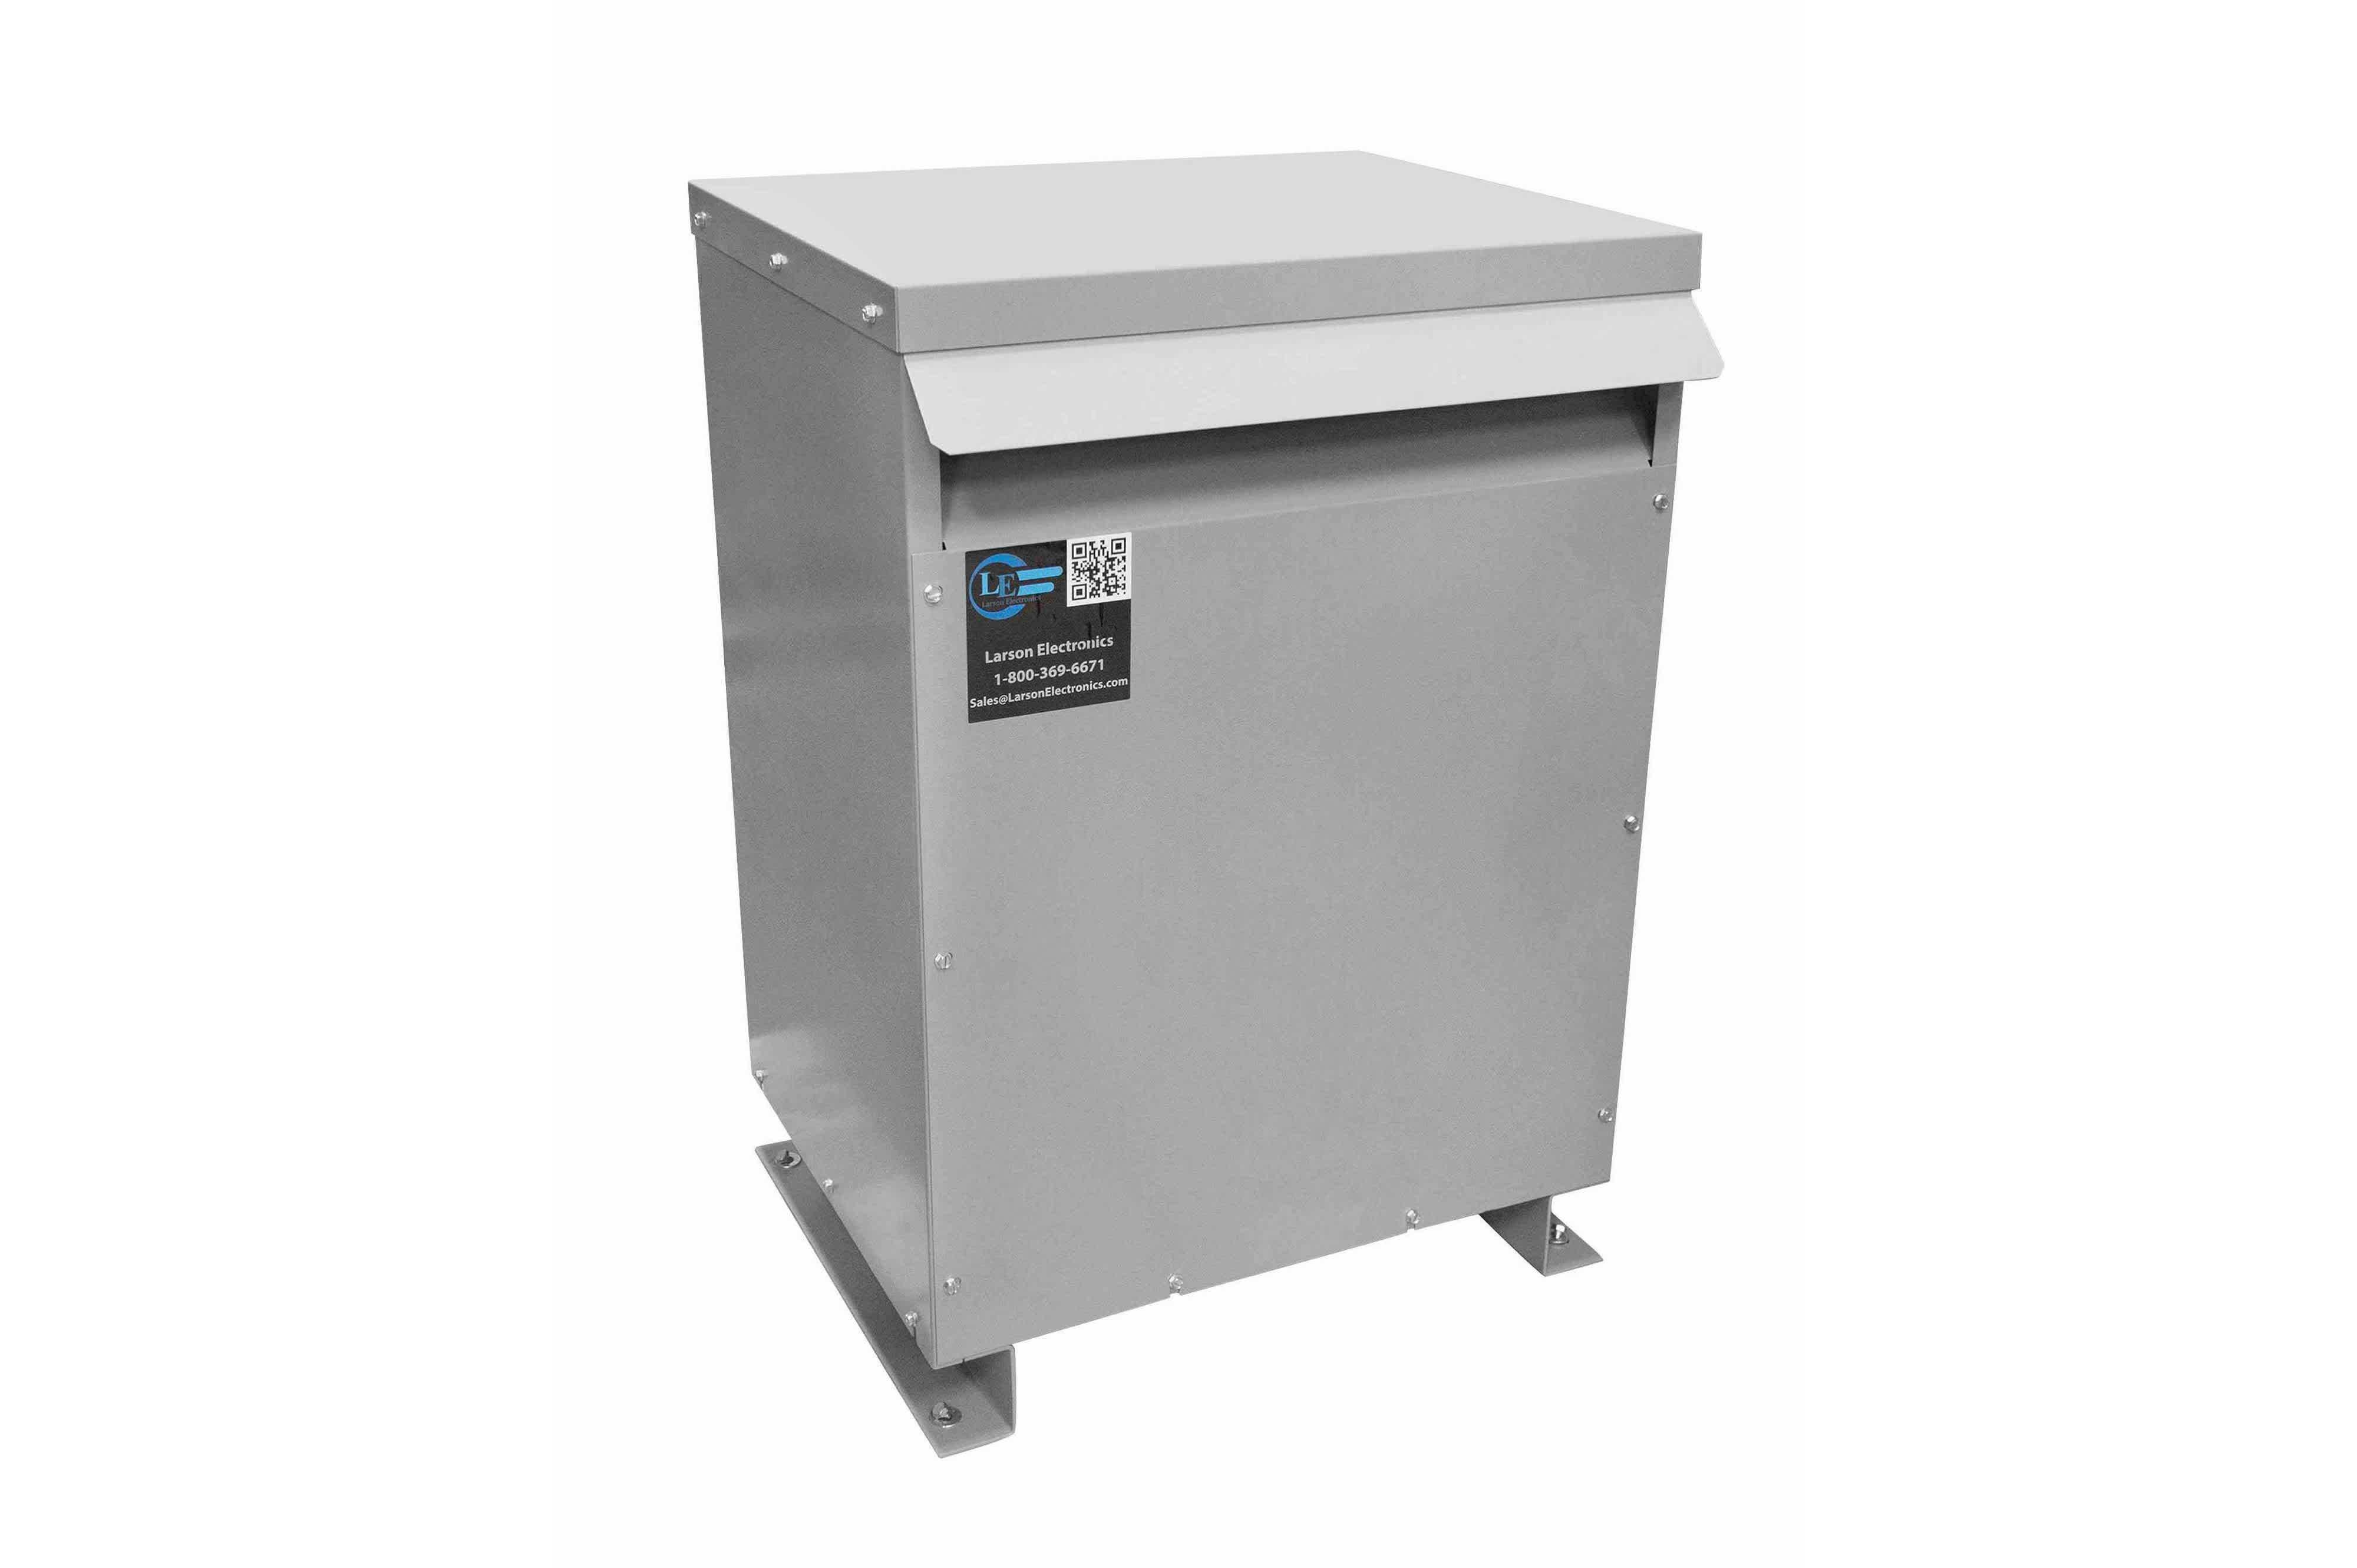 500 kVA 3PH Isolation Transformer, 230V Delta Primary, 480V Delta Secondary, N3R, Ventilated, 60 Hz